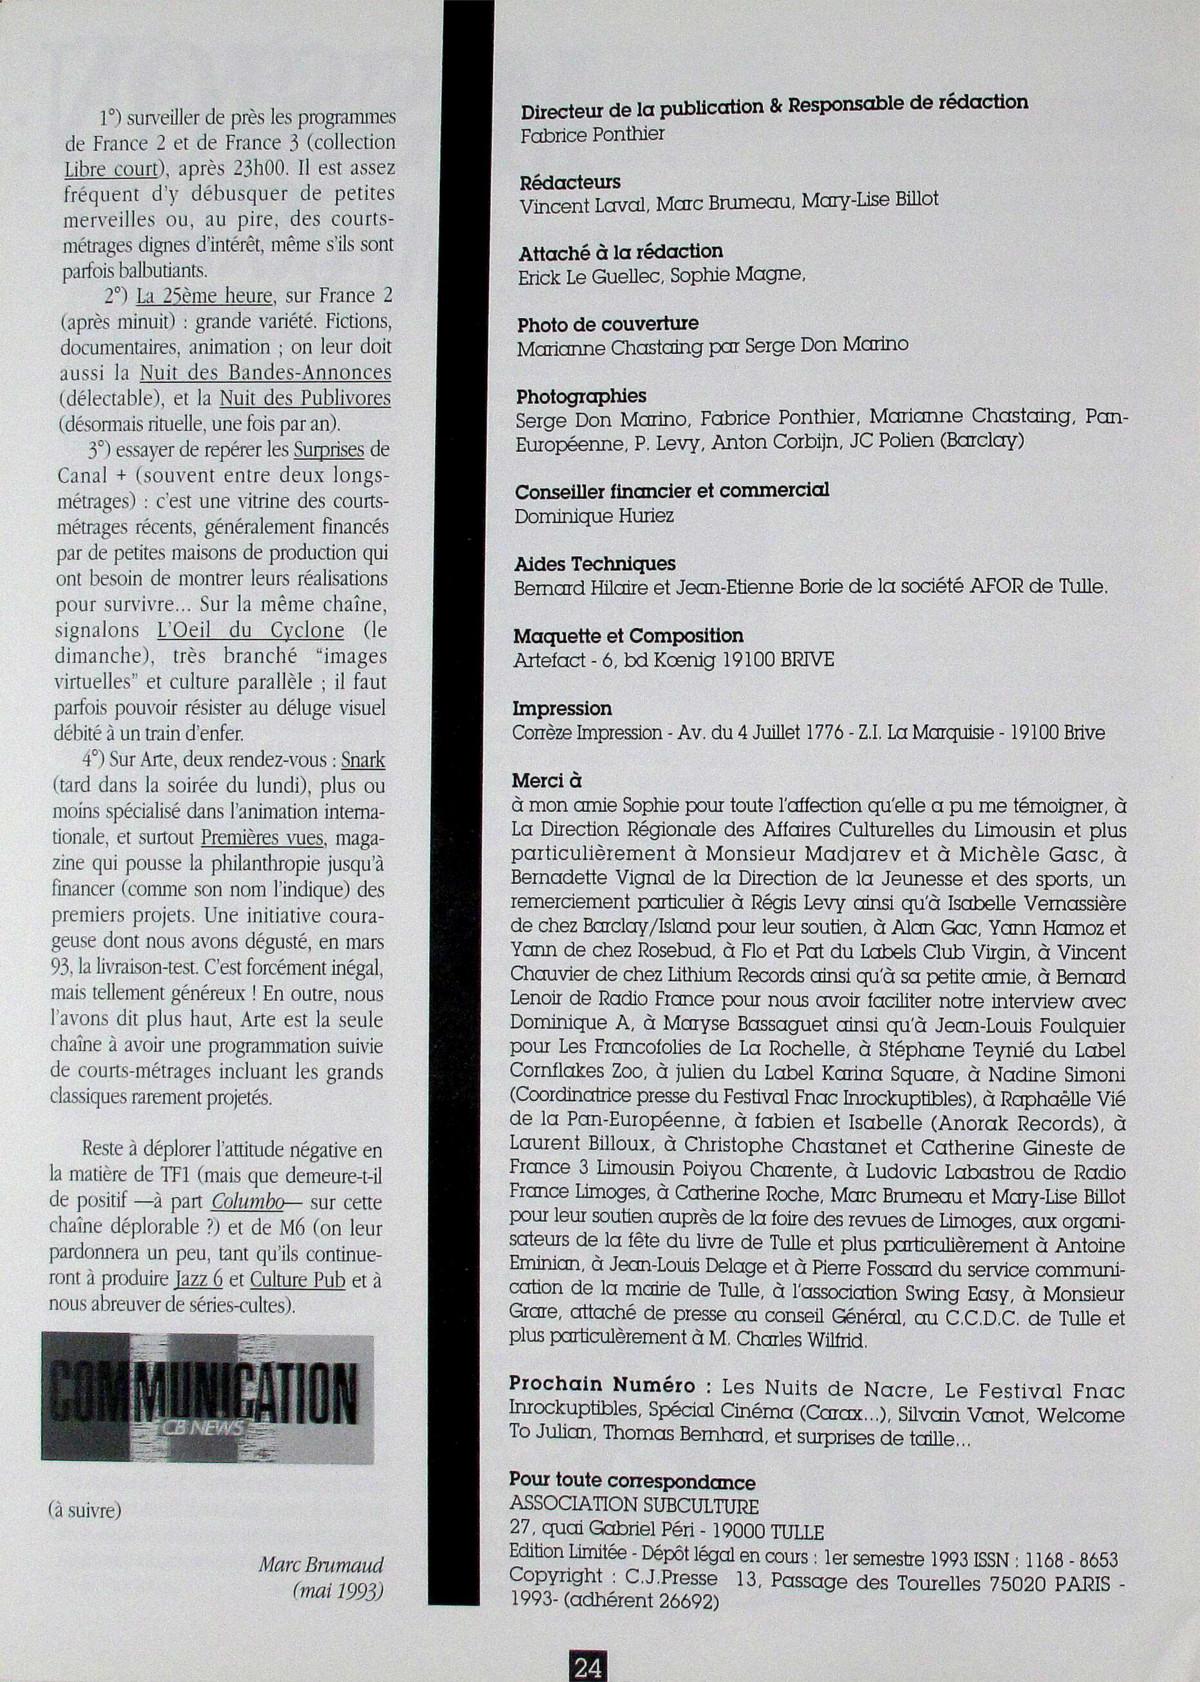 Subculture Été-automne 1993